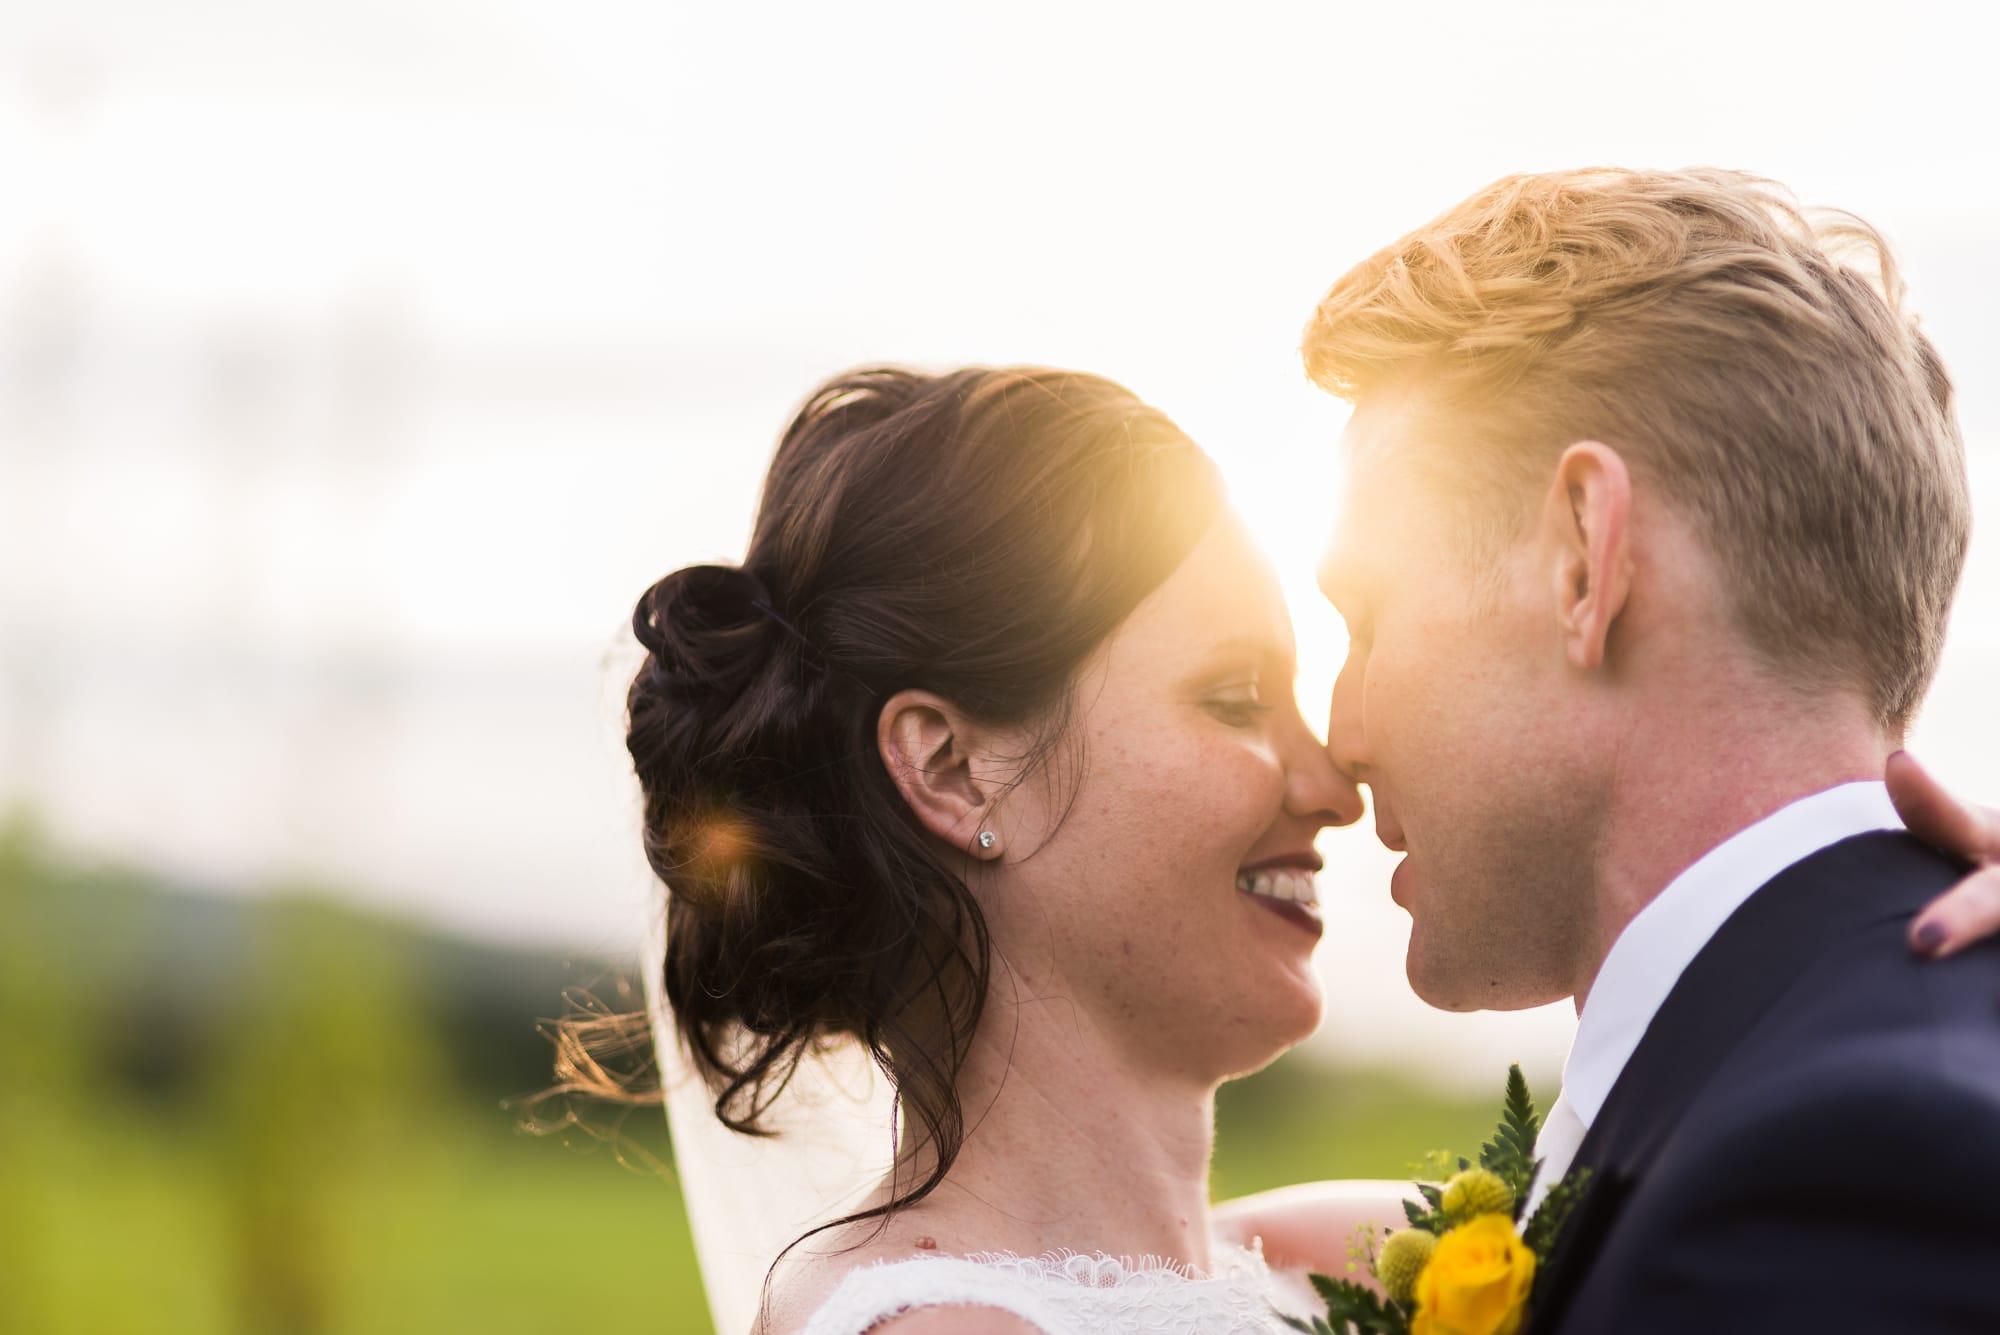 Bride - Bridegroom